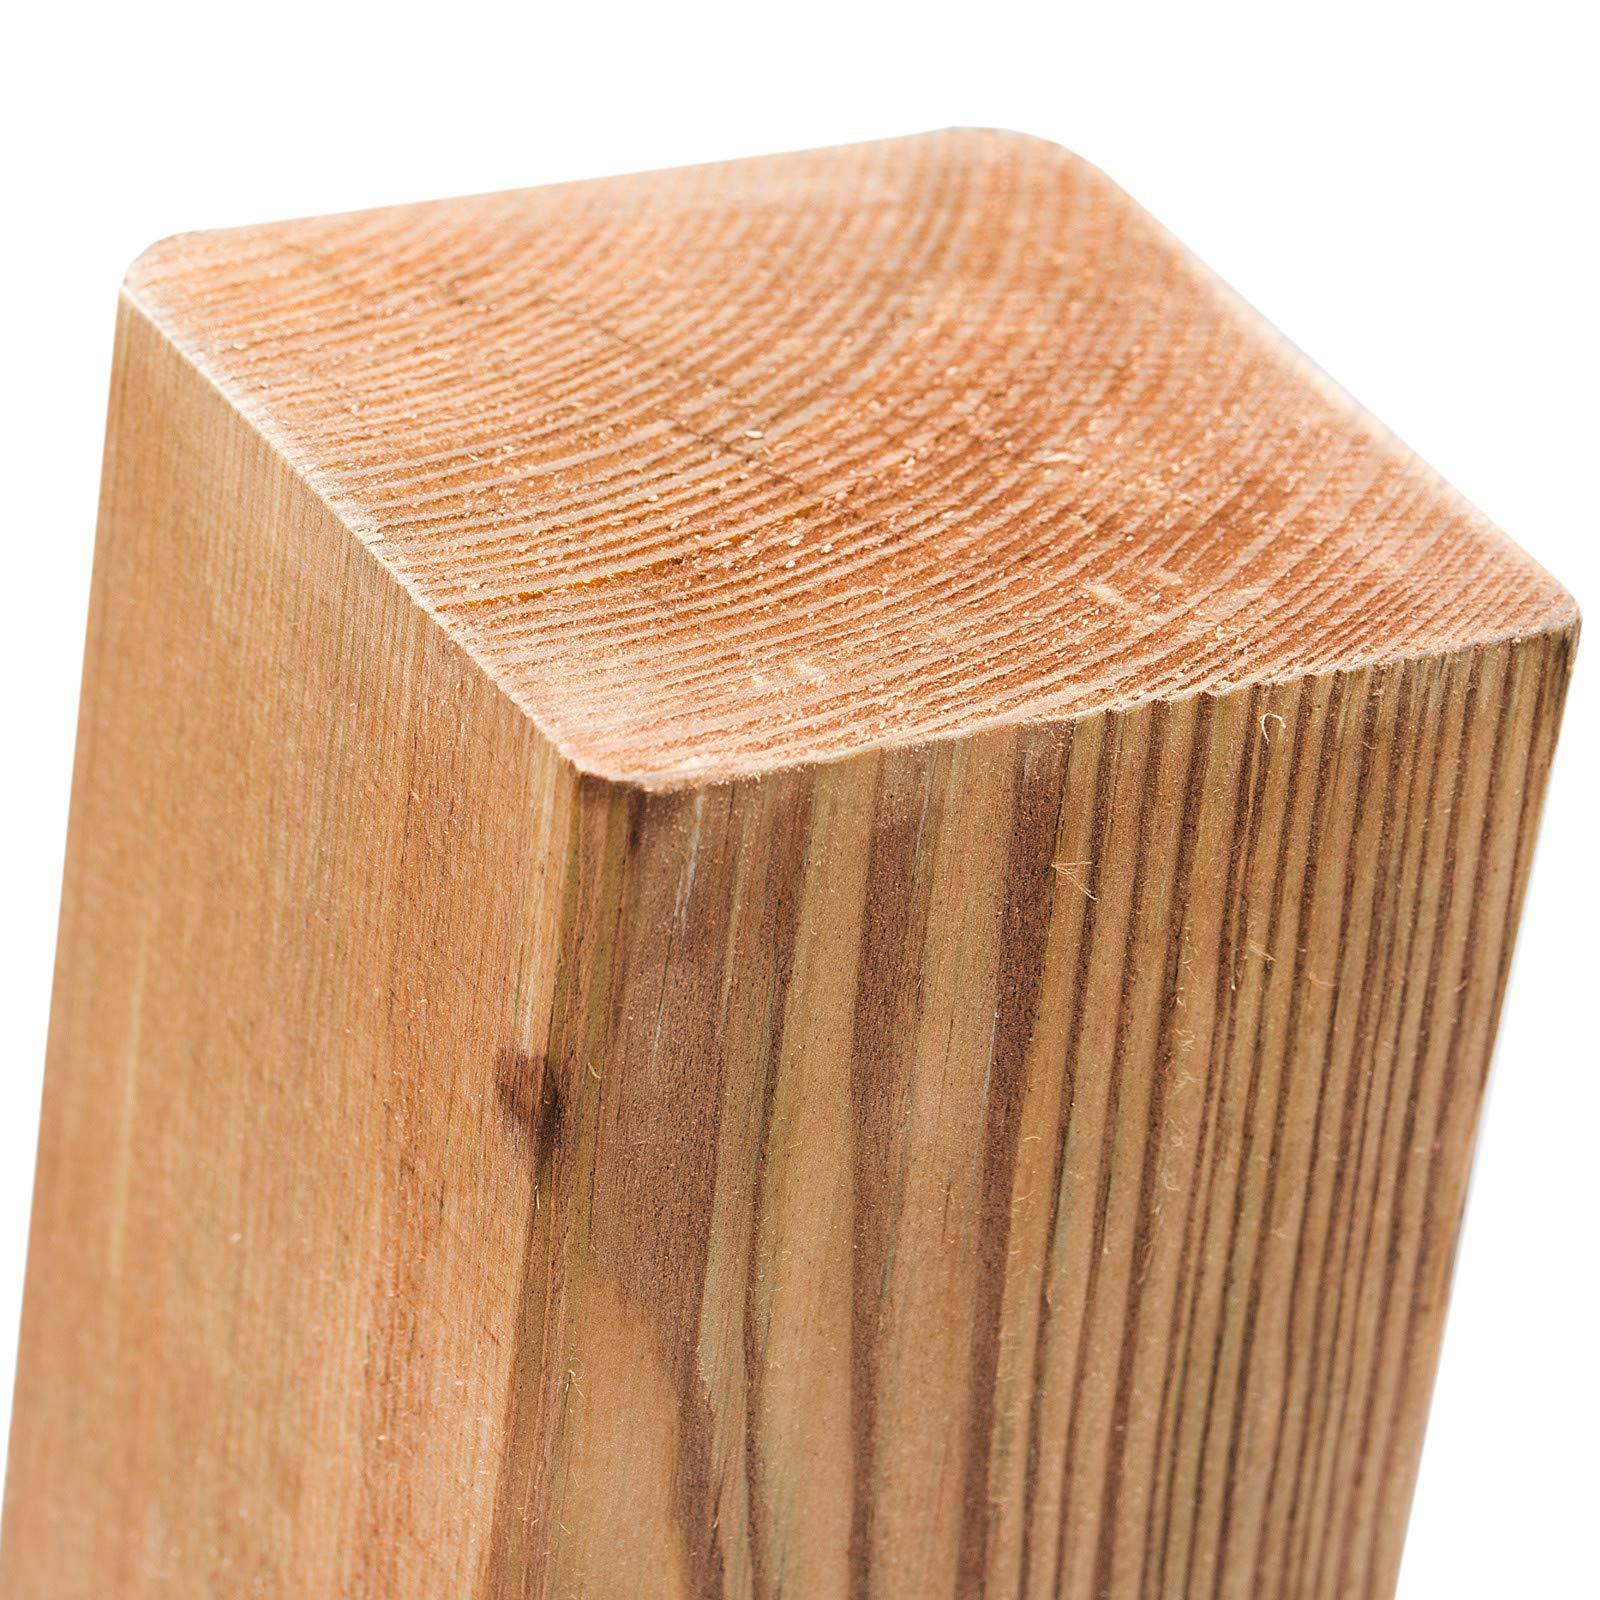 Postes de madera de pino impregnada en 18 tamaños con cabezal ...